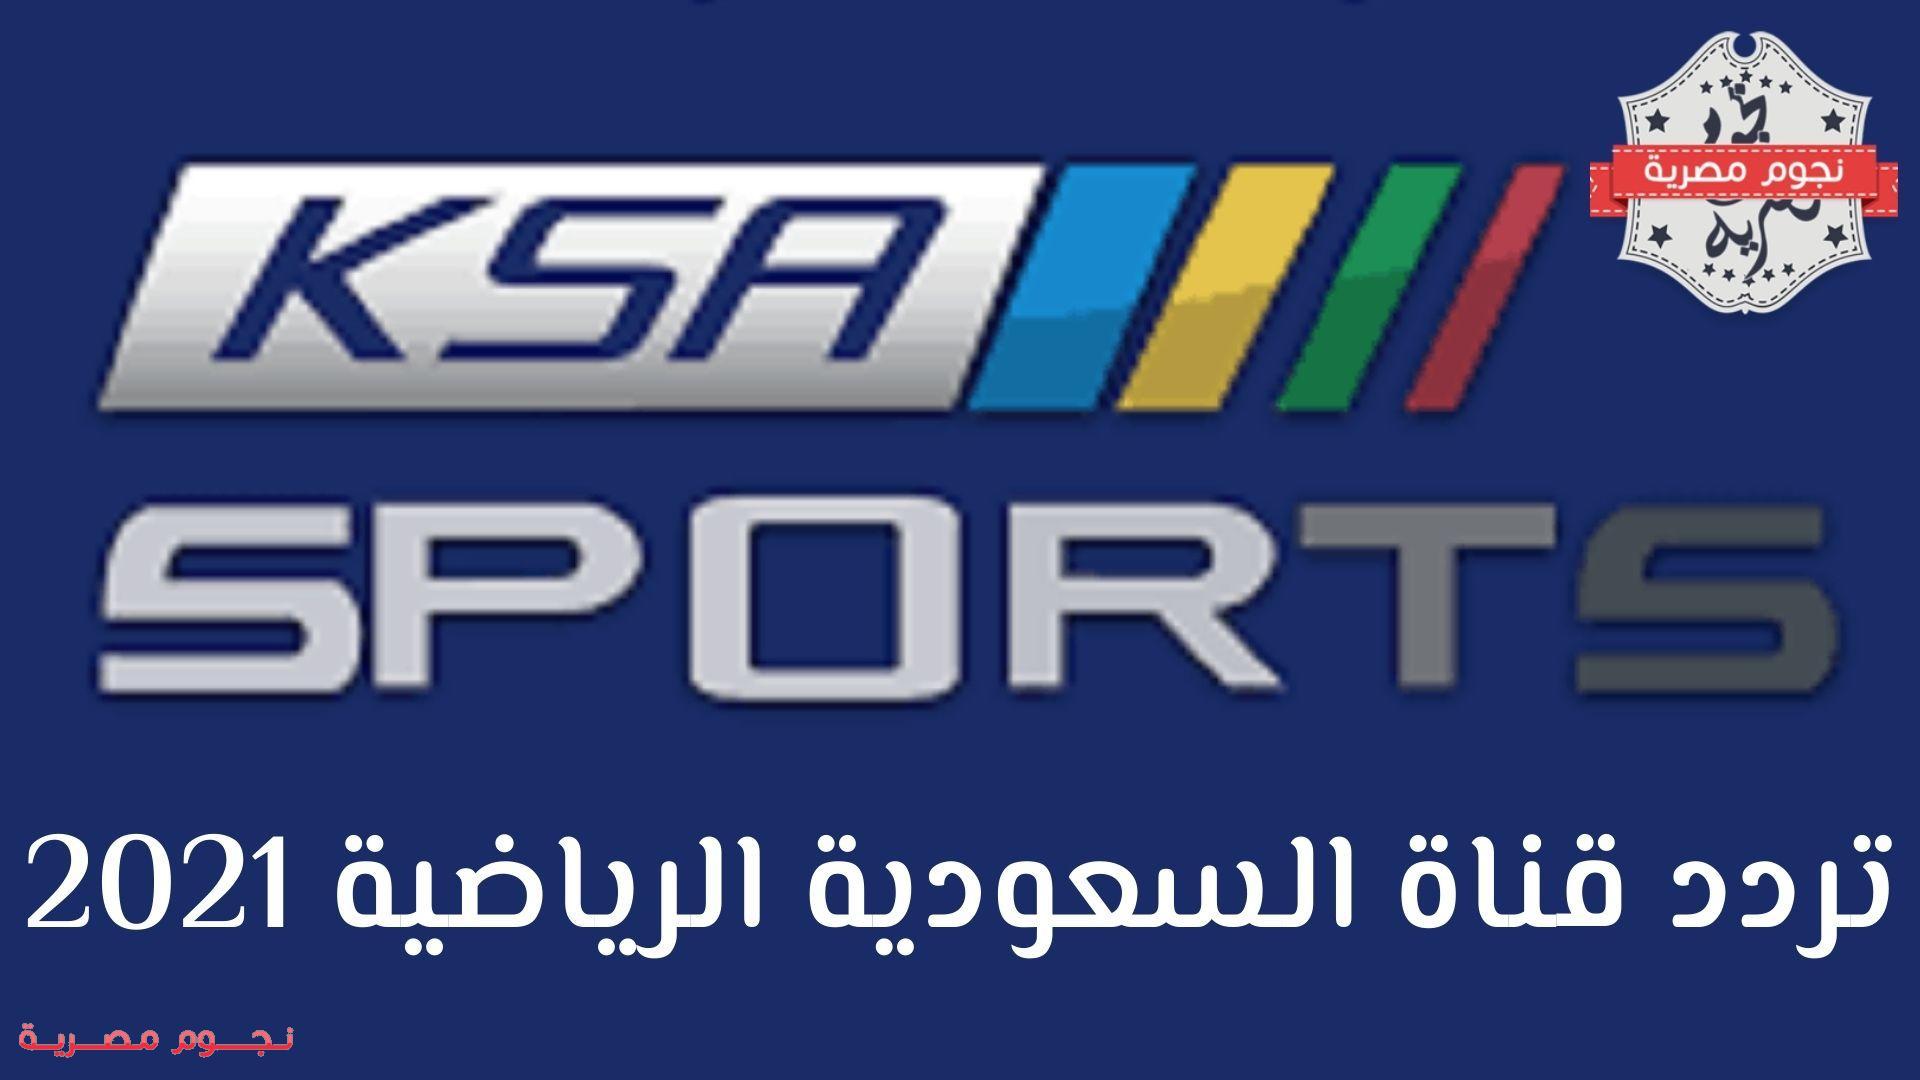 أحدث تردد لقناة السعودية الرياضية 2021 لمتابعة مباراة الهلال والإتفاق في الدوري السعودي 2 18/2/2021 - 7:06 م